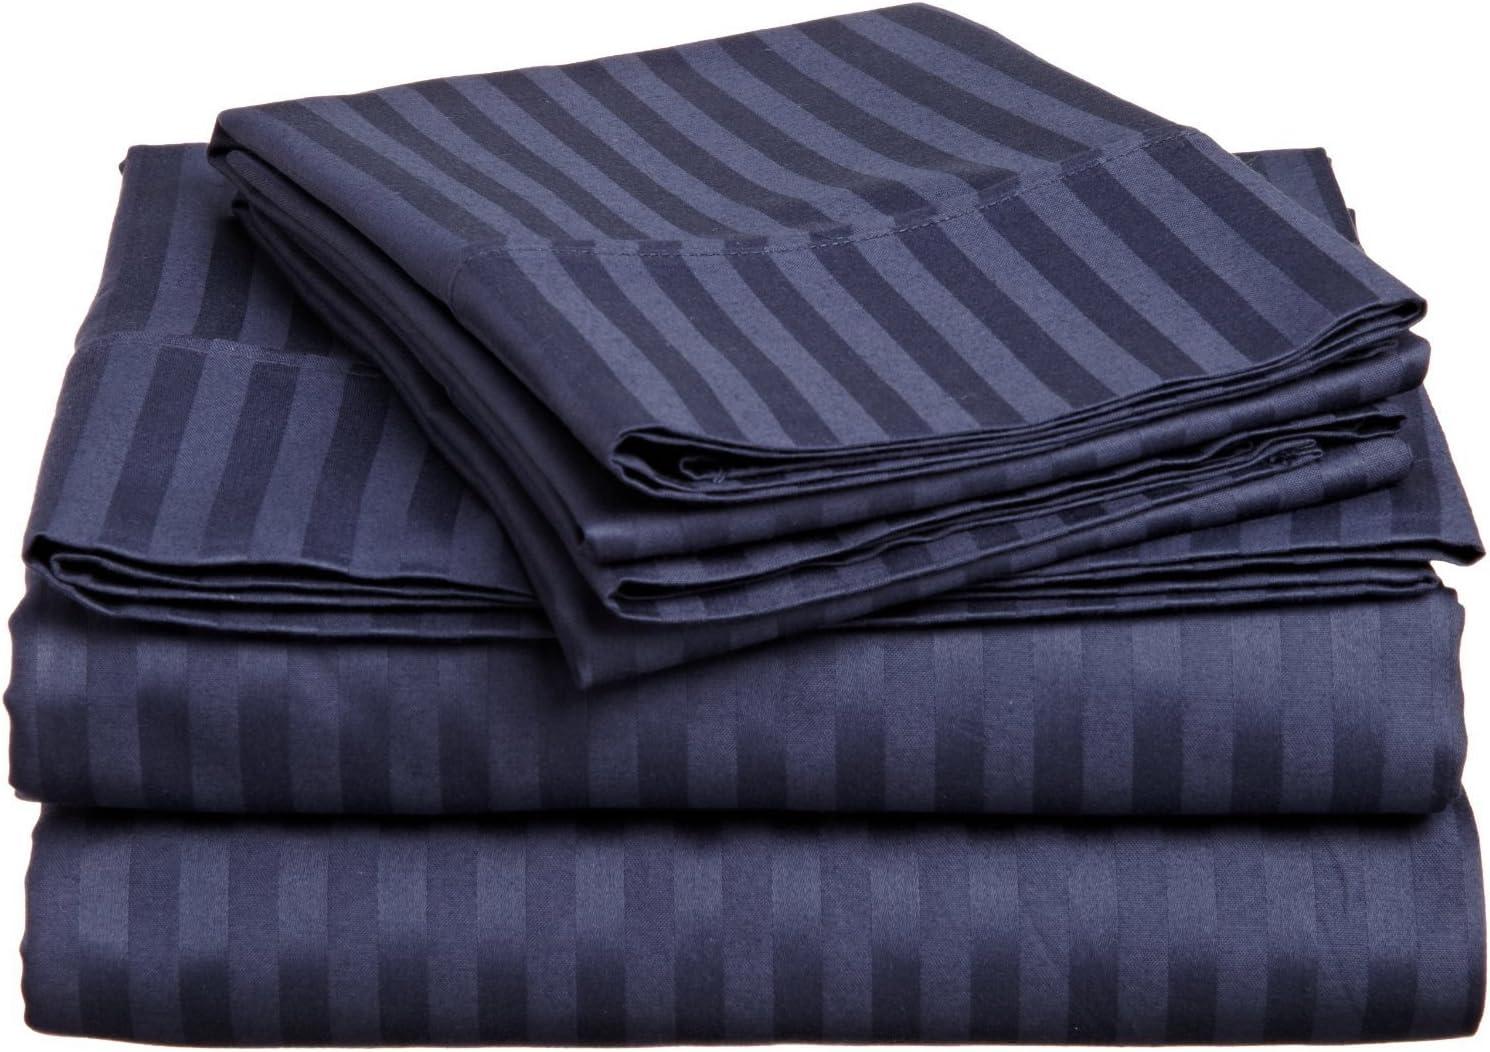 Damask Stripe Luxurious 1500-TC Heavy Shee Egyptian Cotton 6-PCs Tulsa Mall Choice